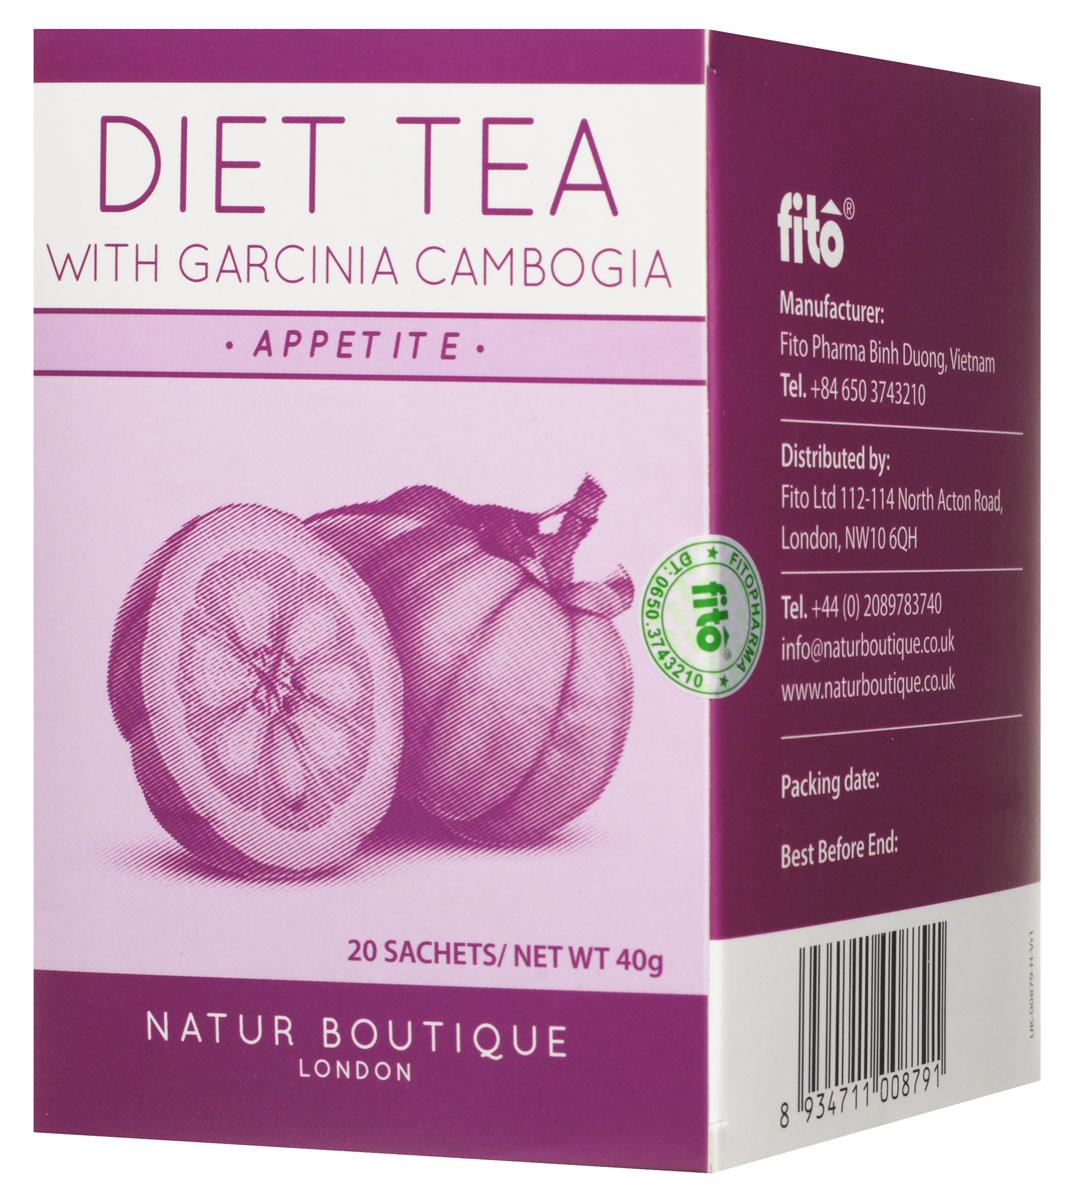 Natur Boutique Diet Tea With Garcinia Cambogia Organic Tea органический зеленый чай с гарцинией камбоджийской, 20 пакетиков257Чай Natur Boutique Diet Tea With Garcinia Cambogia Organic Tea сочетает в себе один из самых эффективных травяных наборов для похудения, включающий в себя гарцинию камбоджийскую. Этот цитрус применяется для похудения и понижение аппетита.Этот чай сочетает в себе четыре ингредиента, которые взаимодополняют друг друга для похудения. Гарциния камбоджийская содержит особые вещества в кожуре, которые препятствуют жировым отложениям. Зеленый чай известен своей способностью сжигать калории. Ортосифон помогает в очистке организме от шлаков через мочегонную систему. Также в состав включена солодка, чтобы не было необходимости добавлять сахар.